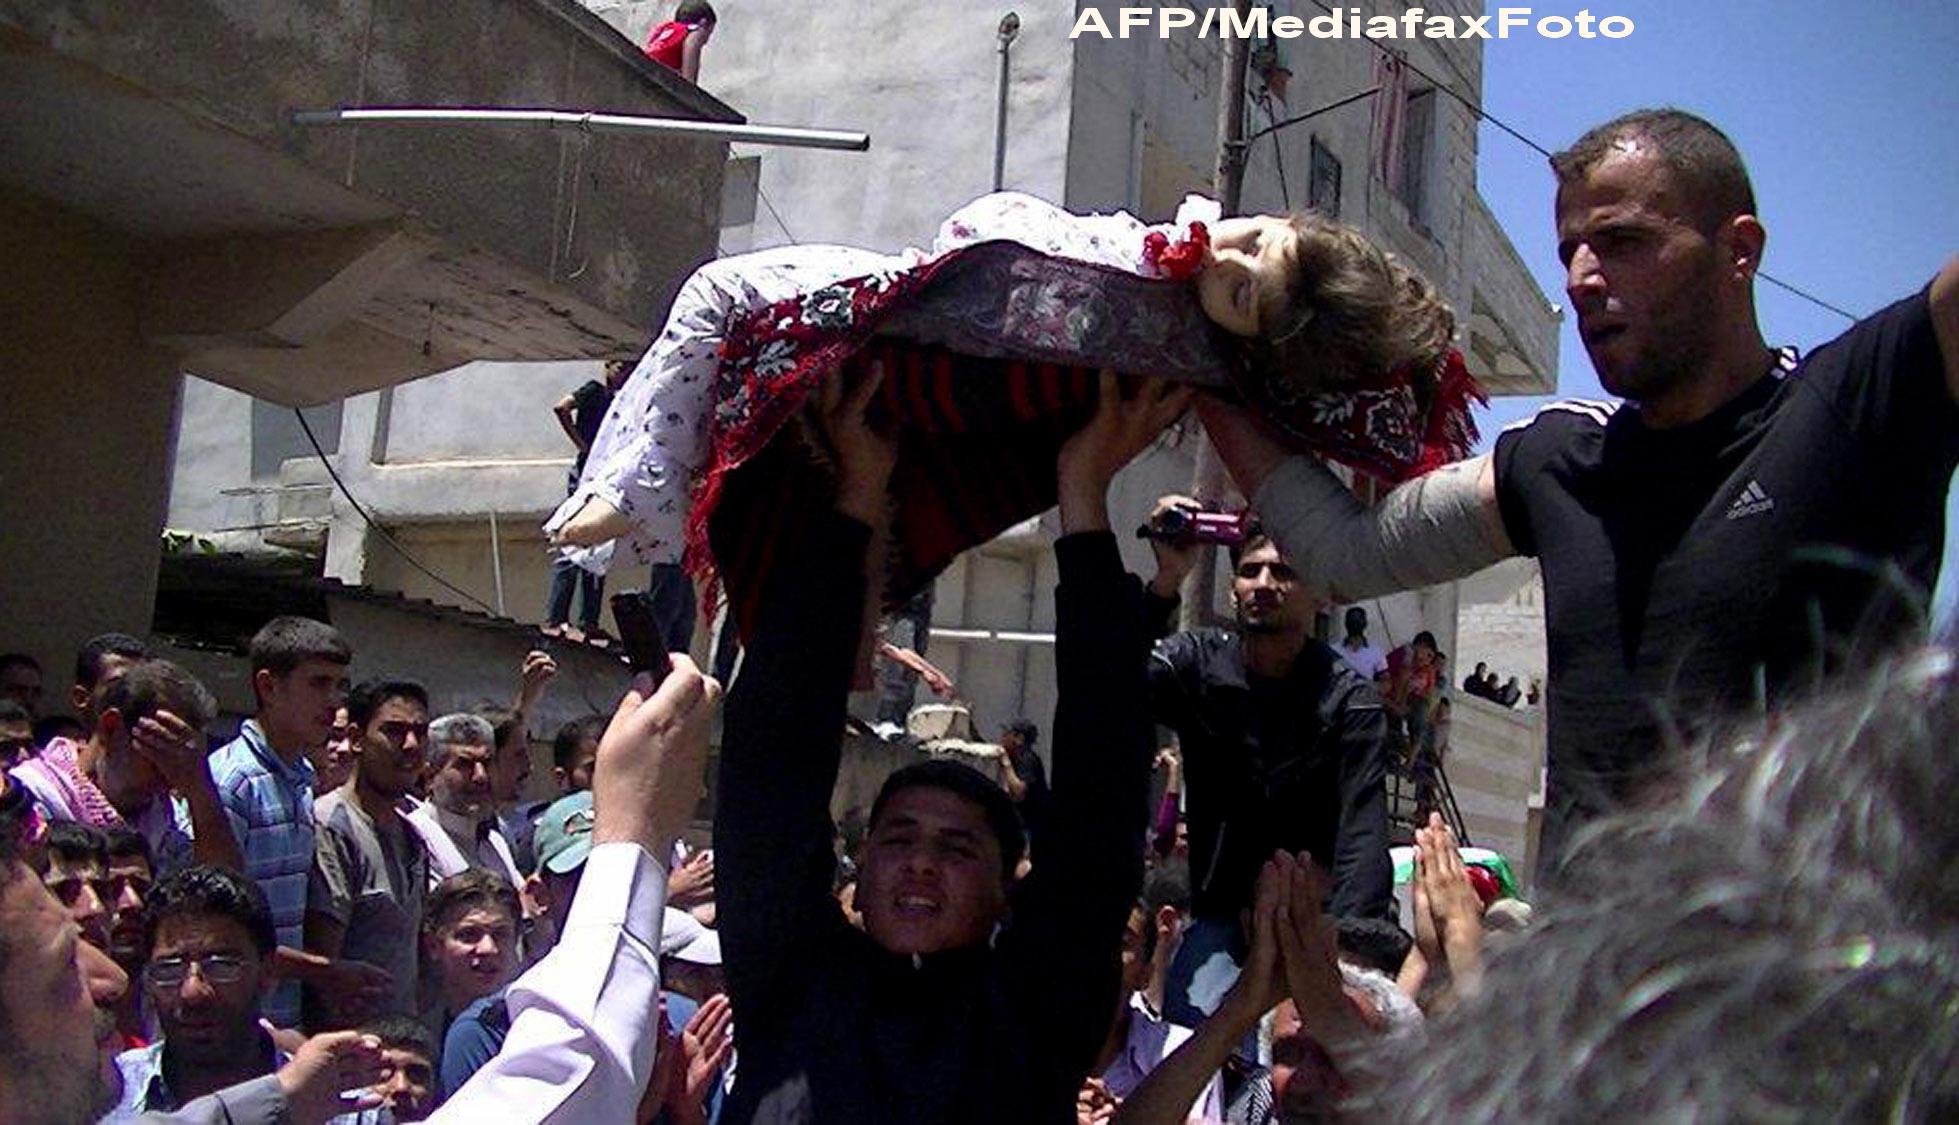 ATENTIE, IMAGINI SOCANTE. O bomba explodeaza chiar in timpul unei inmormantari in Siria